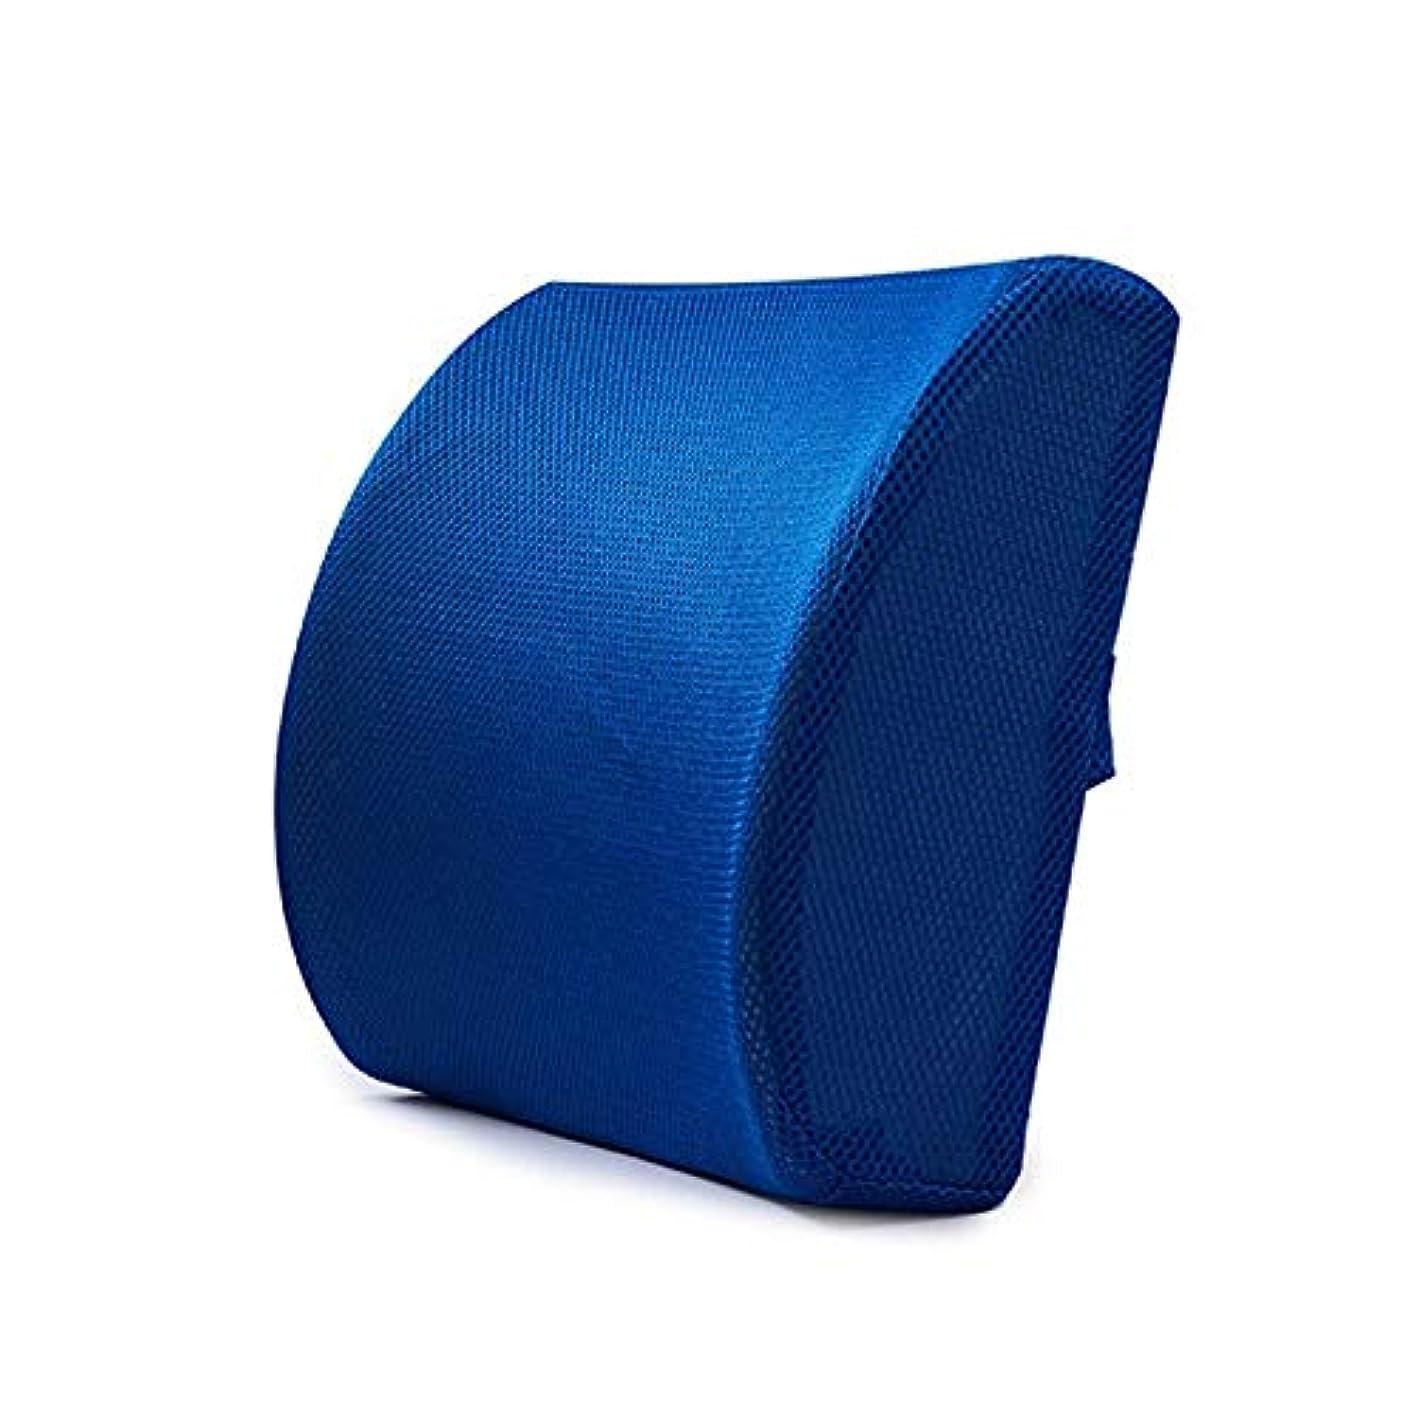 他の場所手を差し伸べる単語LIFE ホームオフィス背もたれ椅子腰椎クッションカーシートネック枕 3D 低反発サポートバックマッサージウエストレスリビング枕 クッション 椅子